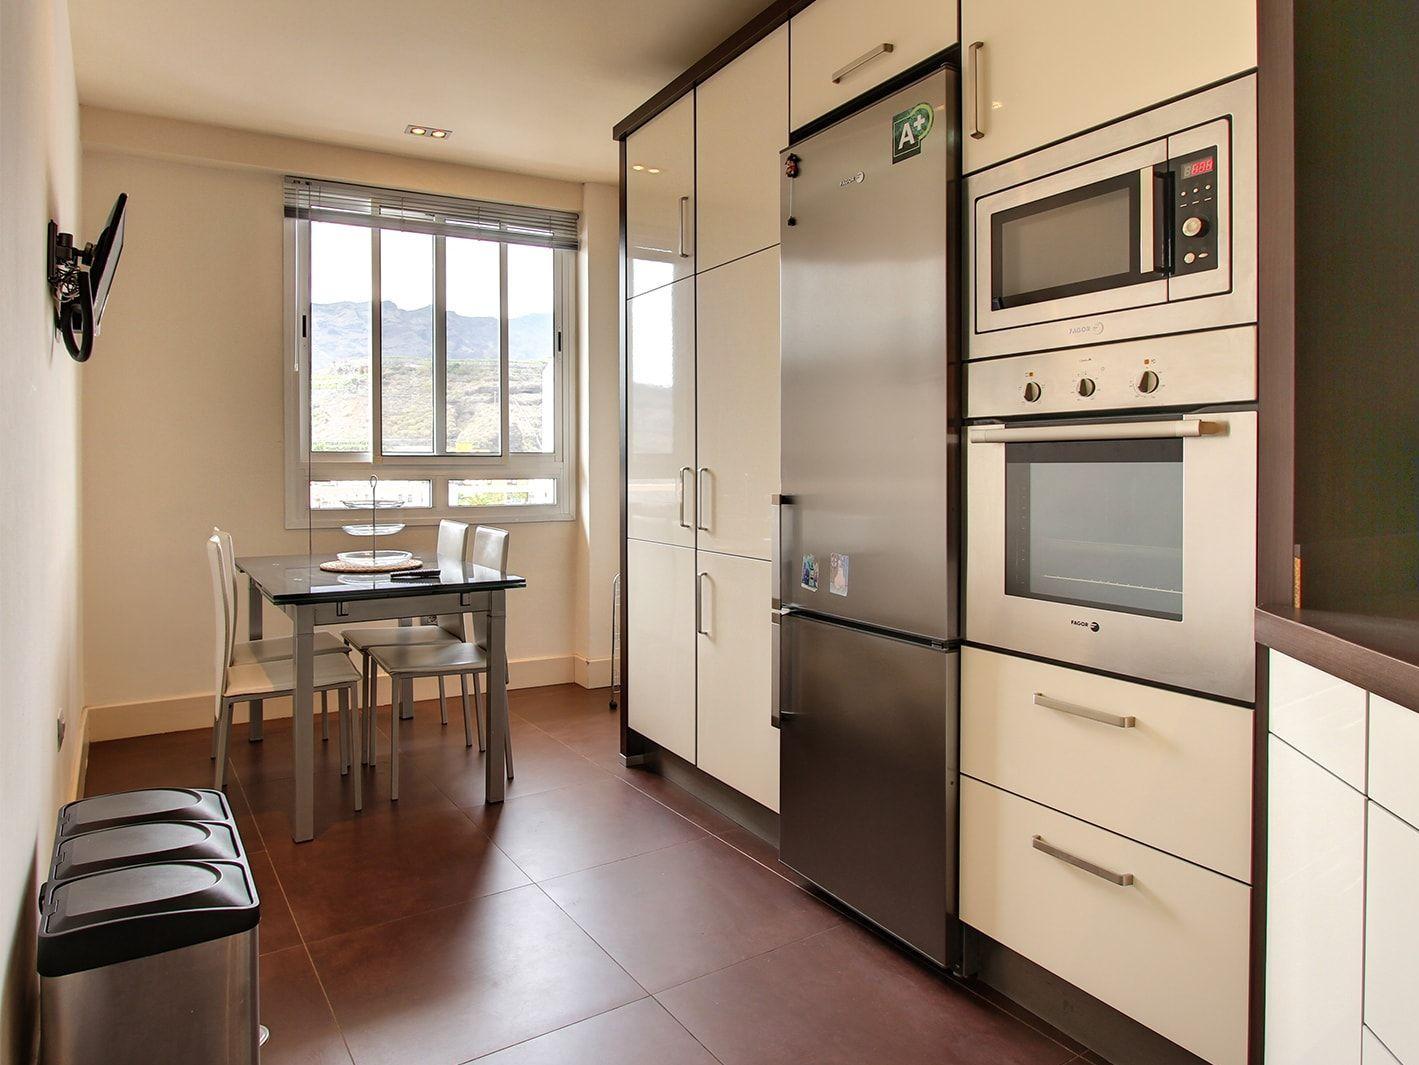 La Palma - Modern city apartment